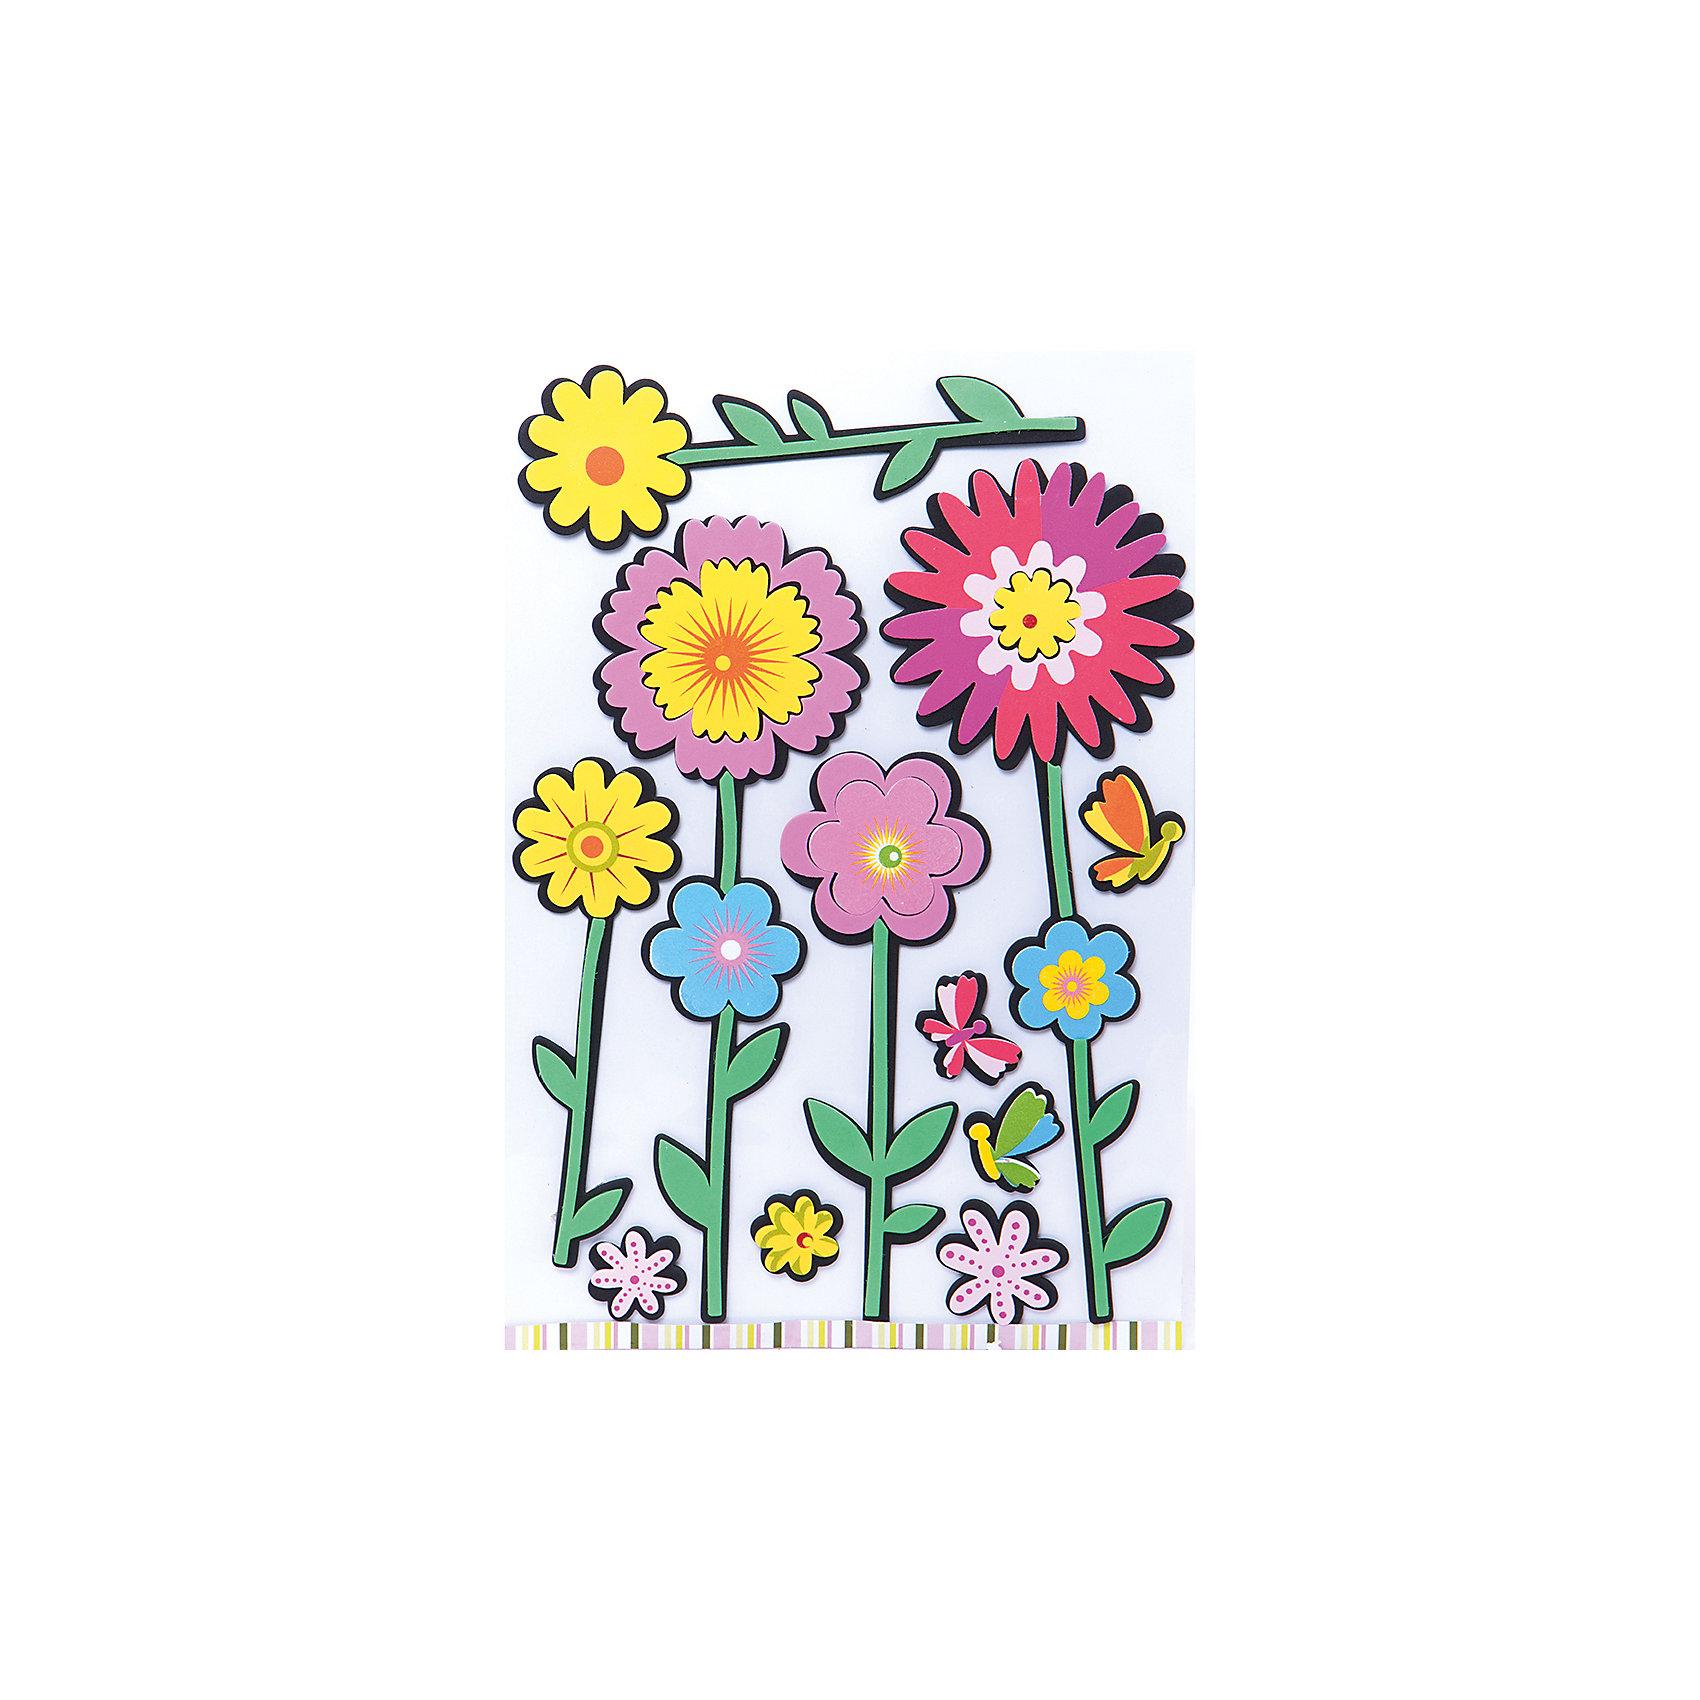 Декоративные наклейки ЦветыДарите своим родным радость! Самый простой способ улучшить настроение – это подарить цветок! Но пусть он будет вечным. Декоративные наклейки Цветы на стены с разными цветами моментально превратят Ваш дом в оранжерею. Рисунки цветов на стене сделают комнату «живой» и не потребуют ухода. Выбирайте только самые красивые цветы. Они подойдут для любой комнаты в доме. Не отказывайте себе в этом источнике радости круглый год!<br>Декоративные наклейки Цветы выполненные из ПВХ, на клеевой основе, станут прекрасным украшением любого помещения, оживят и дополнят интерьер комнаты. Наклейки легко наклеиваются и снимаются, не оставляют следов на обоях и других поверхностях.<br><br>Дополнительная информация:<br><br>- материал: ПВХ, клей.<br>- размер: 30*39 см.<br><br>Декоративные наклейки Цветы можно купить в нашем магазине.<br><br>Ширина мм: 330<br>Глубина мм: 50<br>Высота мм: 550<br>Вес г: 20<br>Возраст от месяцев: 36<br>Возраст до месяцев: 2147483647<br>Пол: Женский<br>Возраст: Детский<br>SKU: 4182173